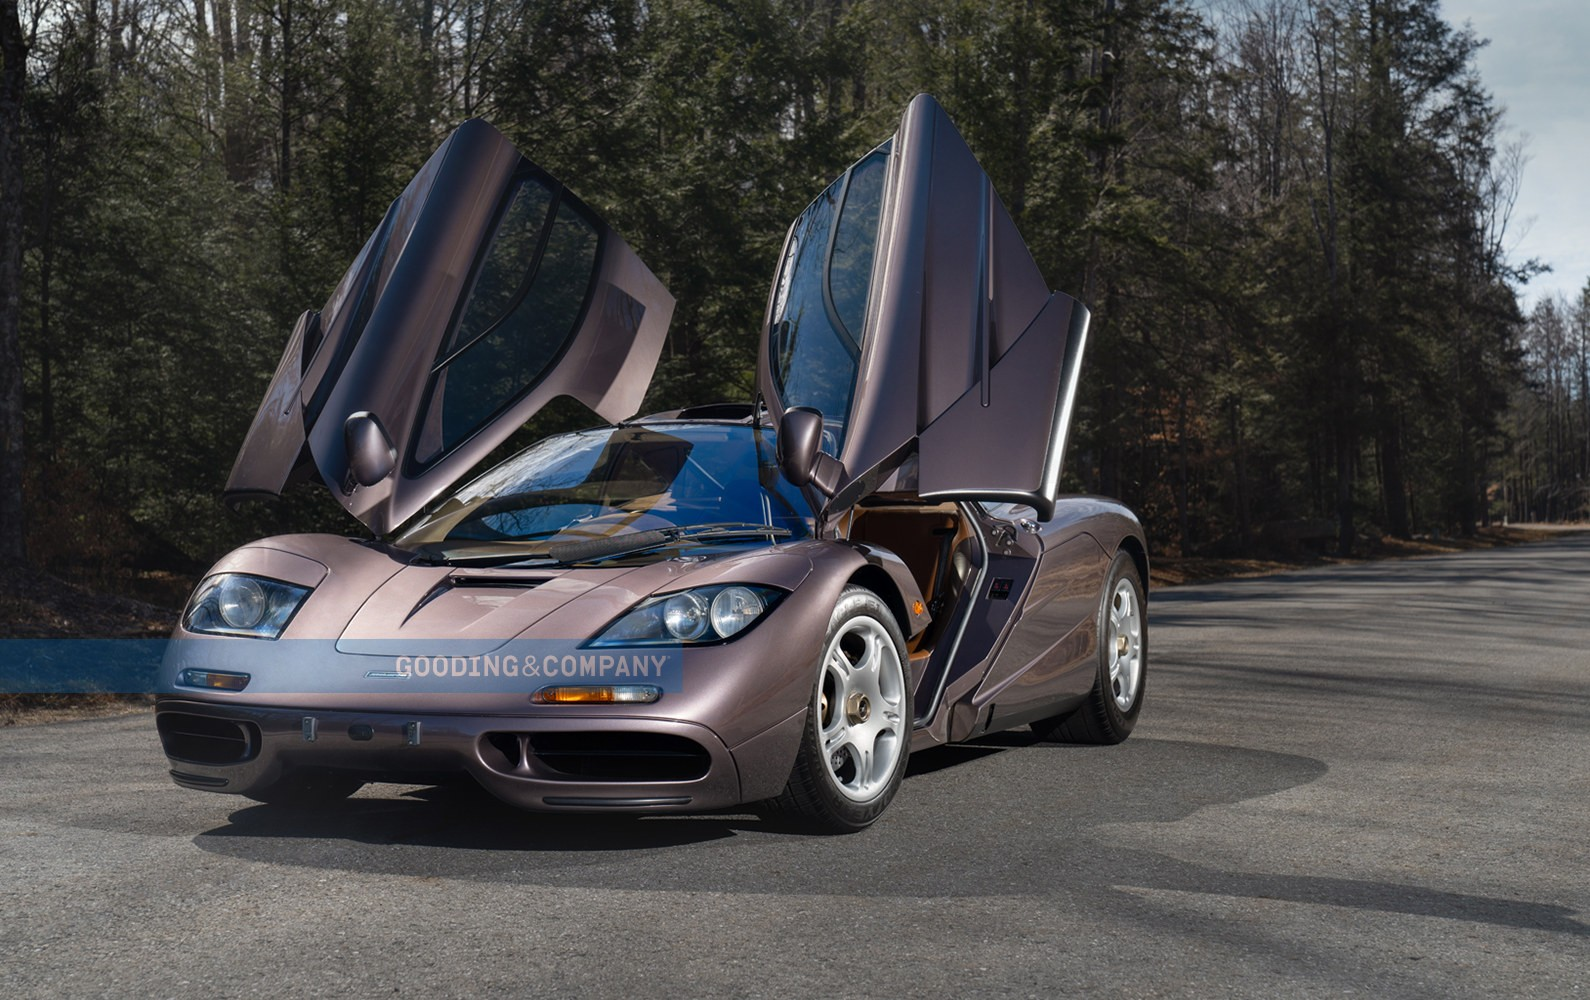 گرانترین سوپراسپرت قرن بیستم؛ مکلارن F1 با کارکرد ۳۸۷ کیلومتر به حراج گذاشته میشود